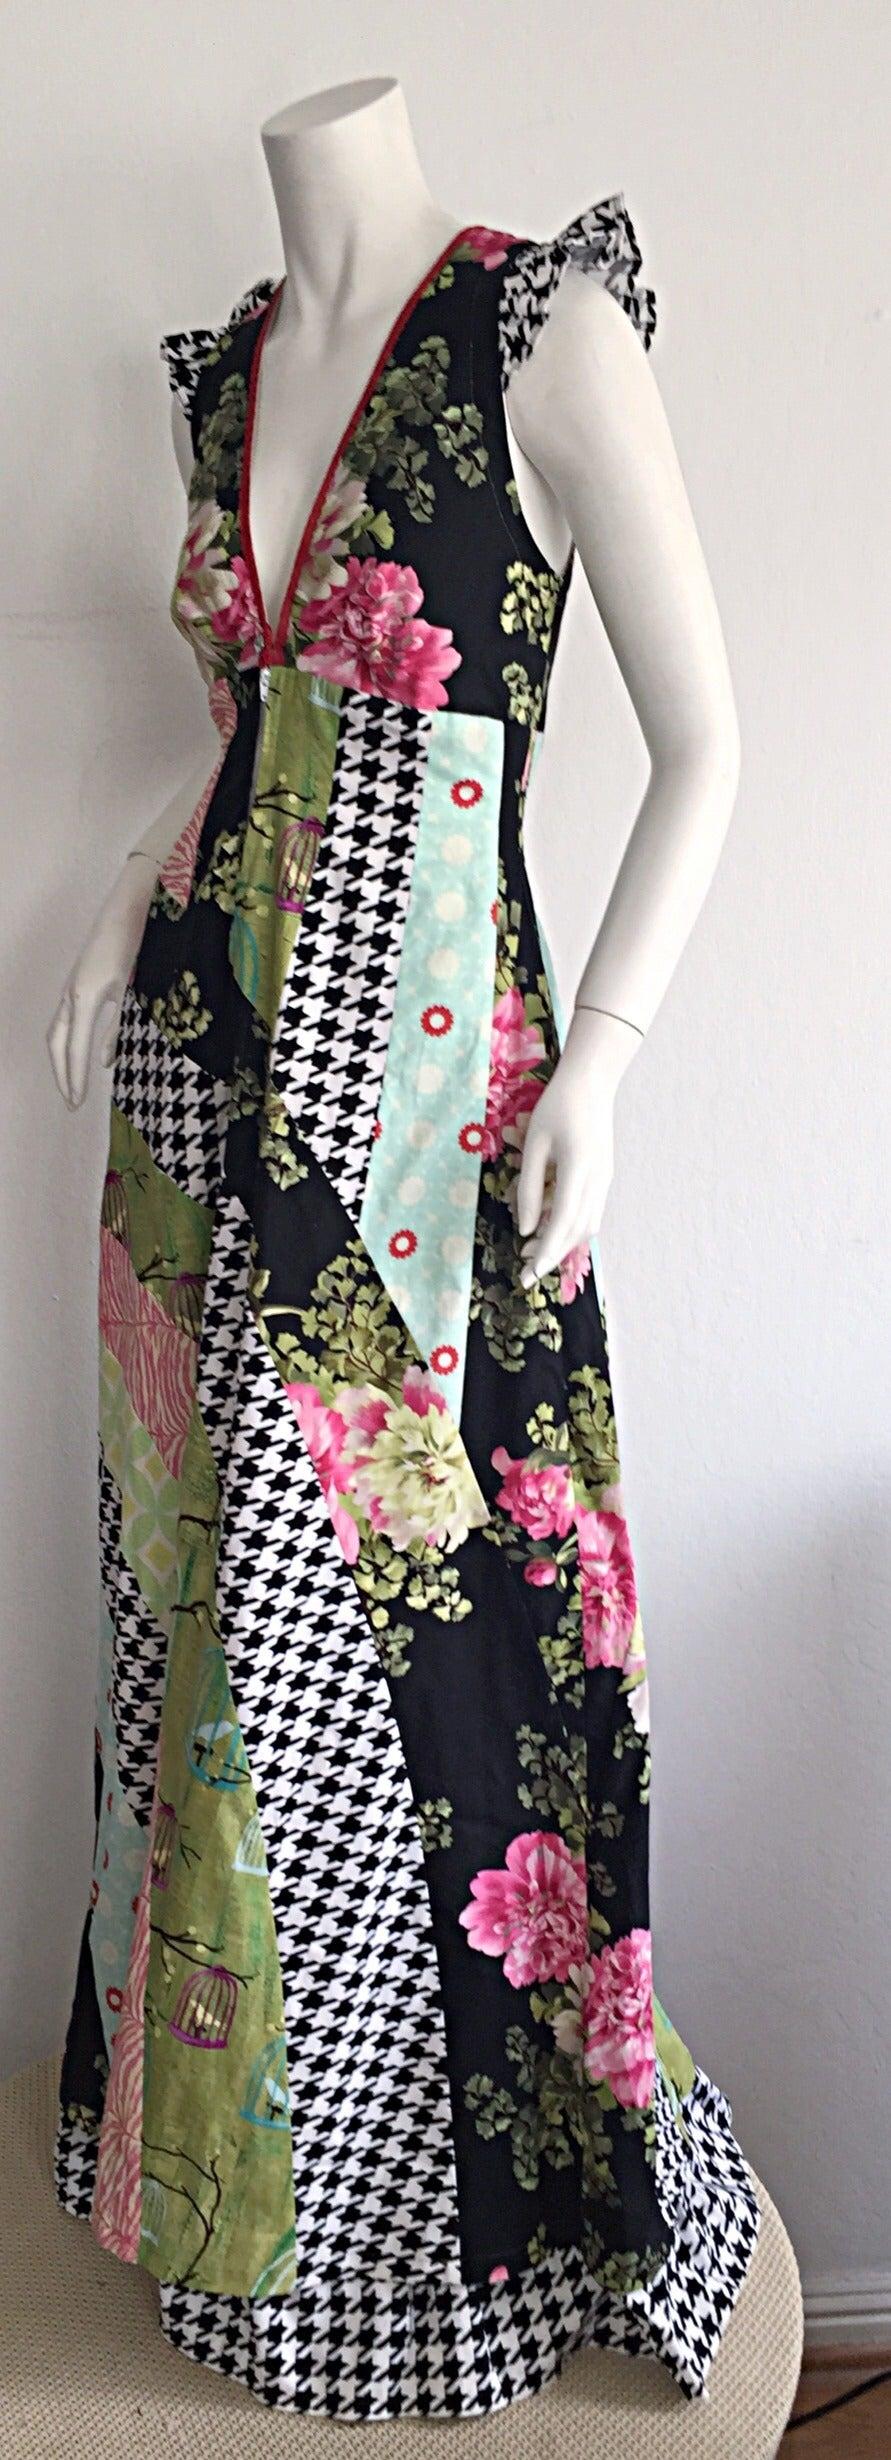 Amazing 1970s Vintage Bohemian Patchwork Cotton Maxi Dress For Sale 2